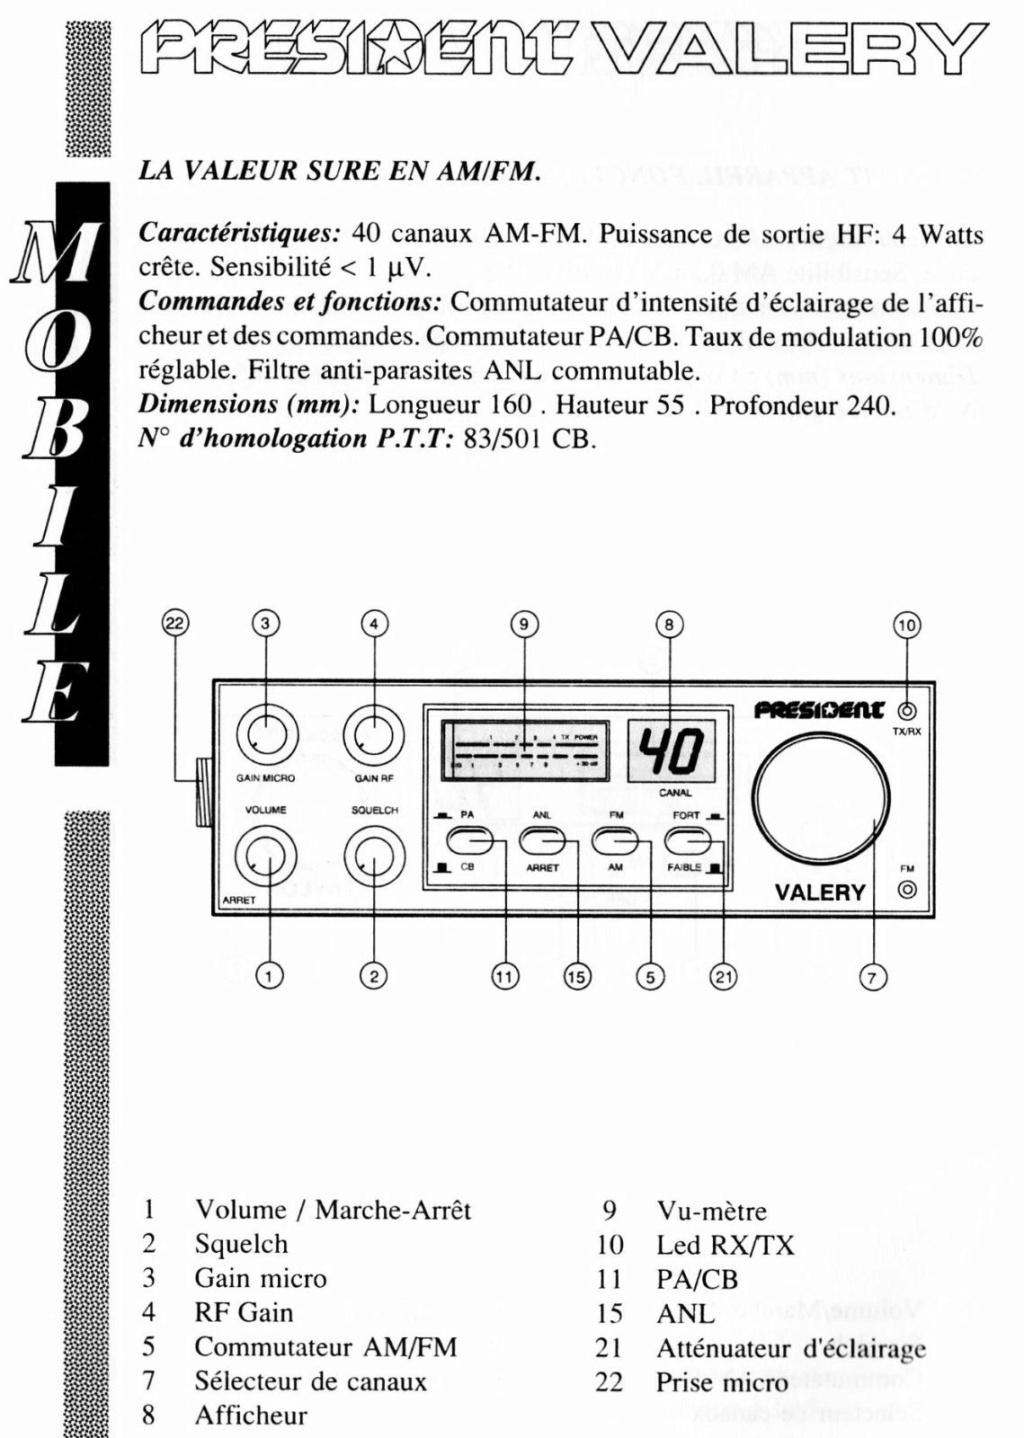 President Valery (Mobile) S-l16850